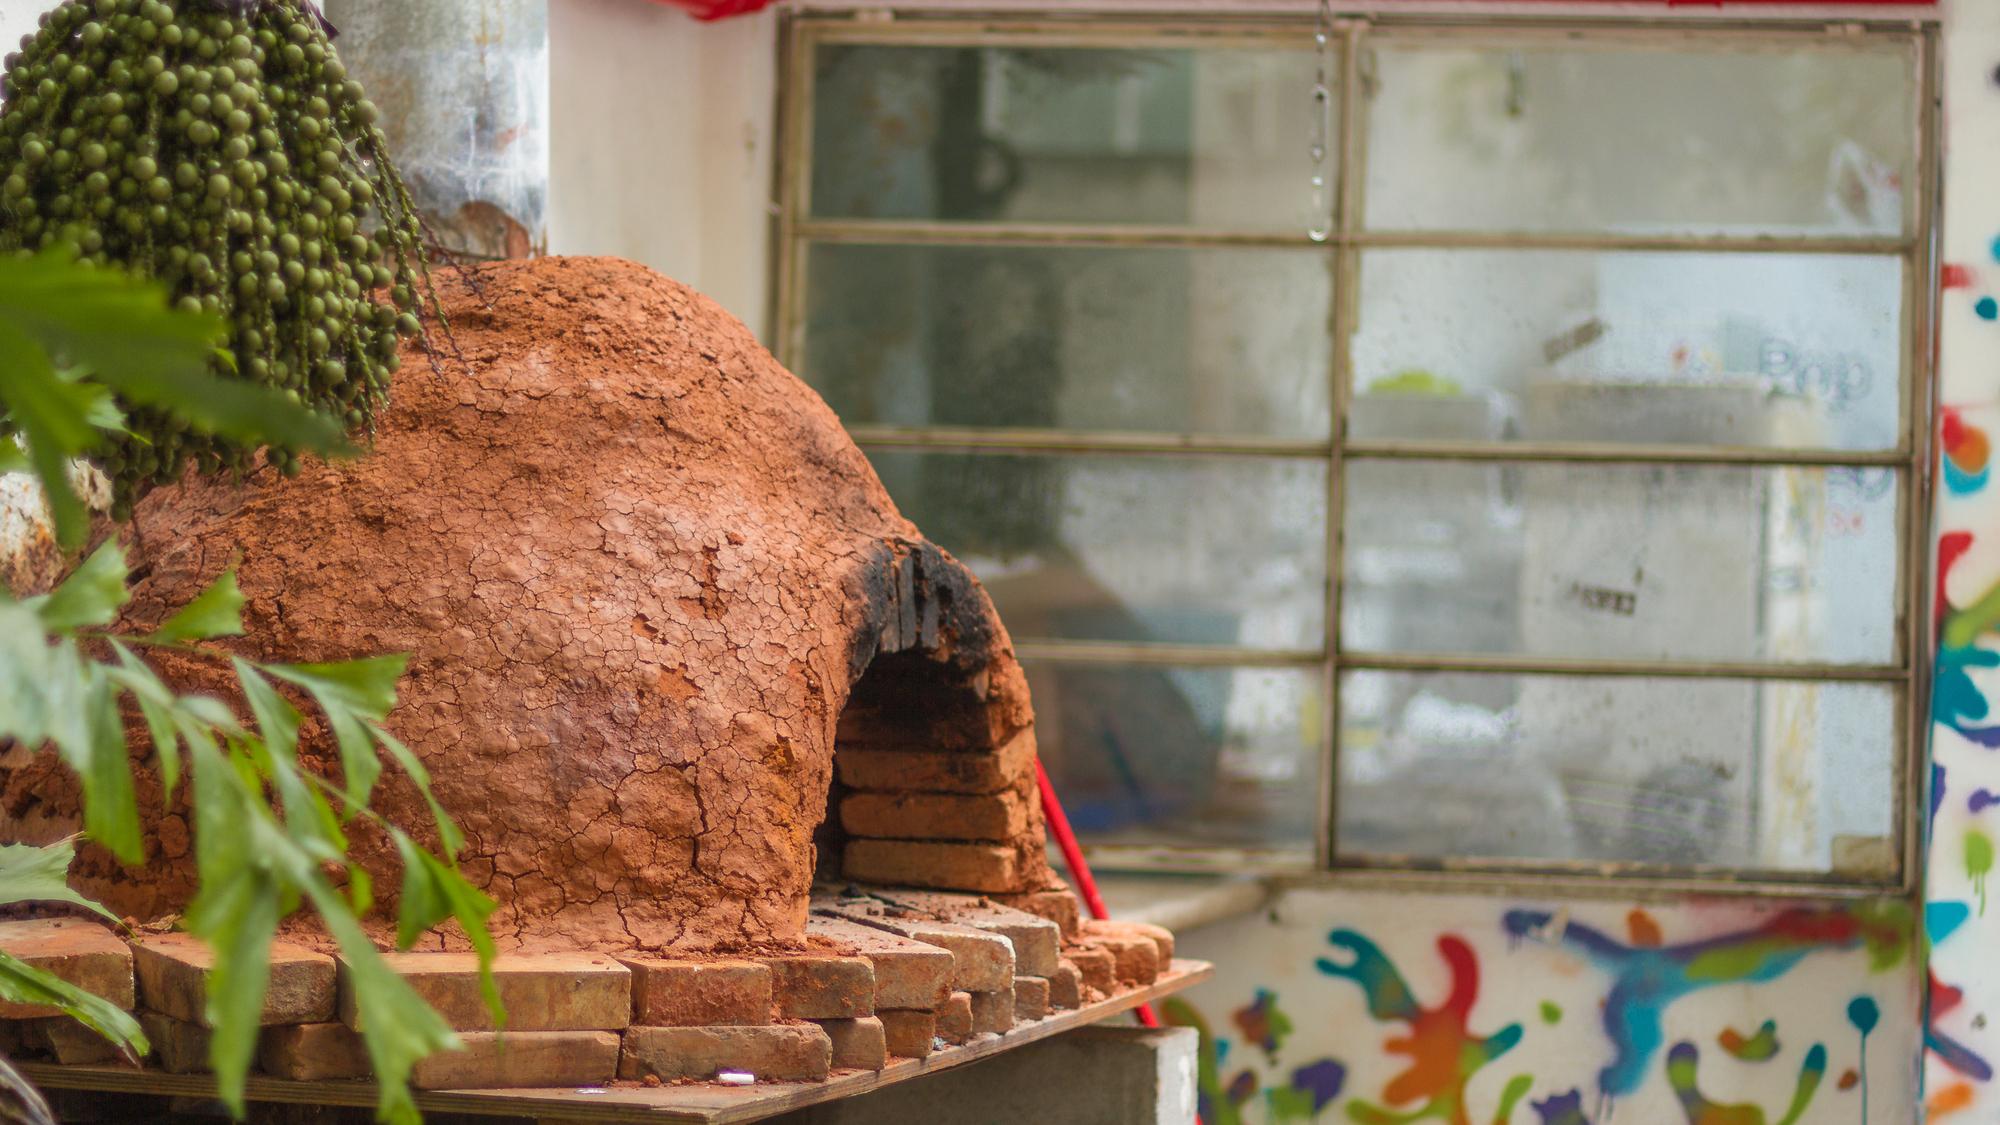 Gu a aprende a construir un horno artesanal para pizzas for Modelos de hogares a lena rusticos